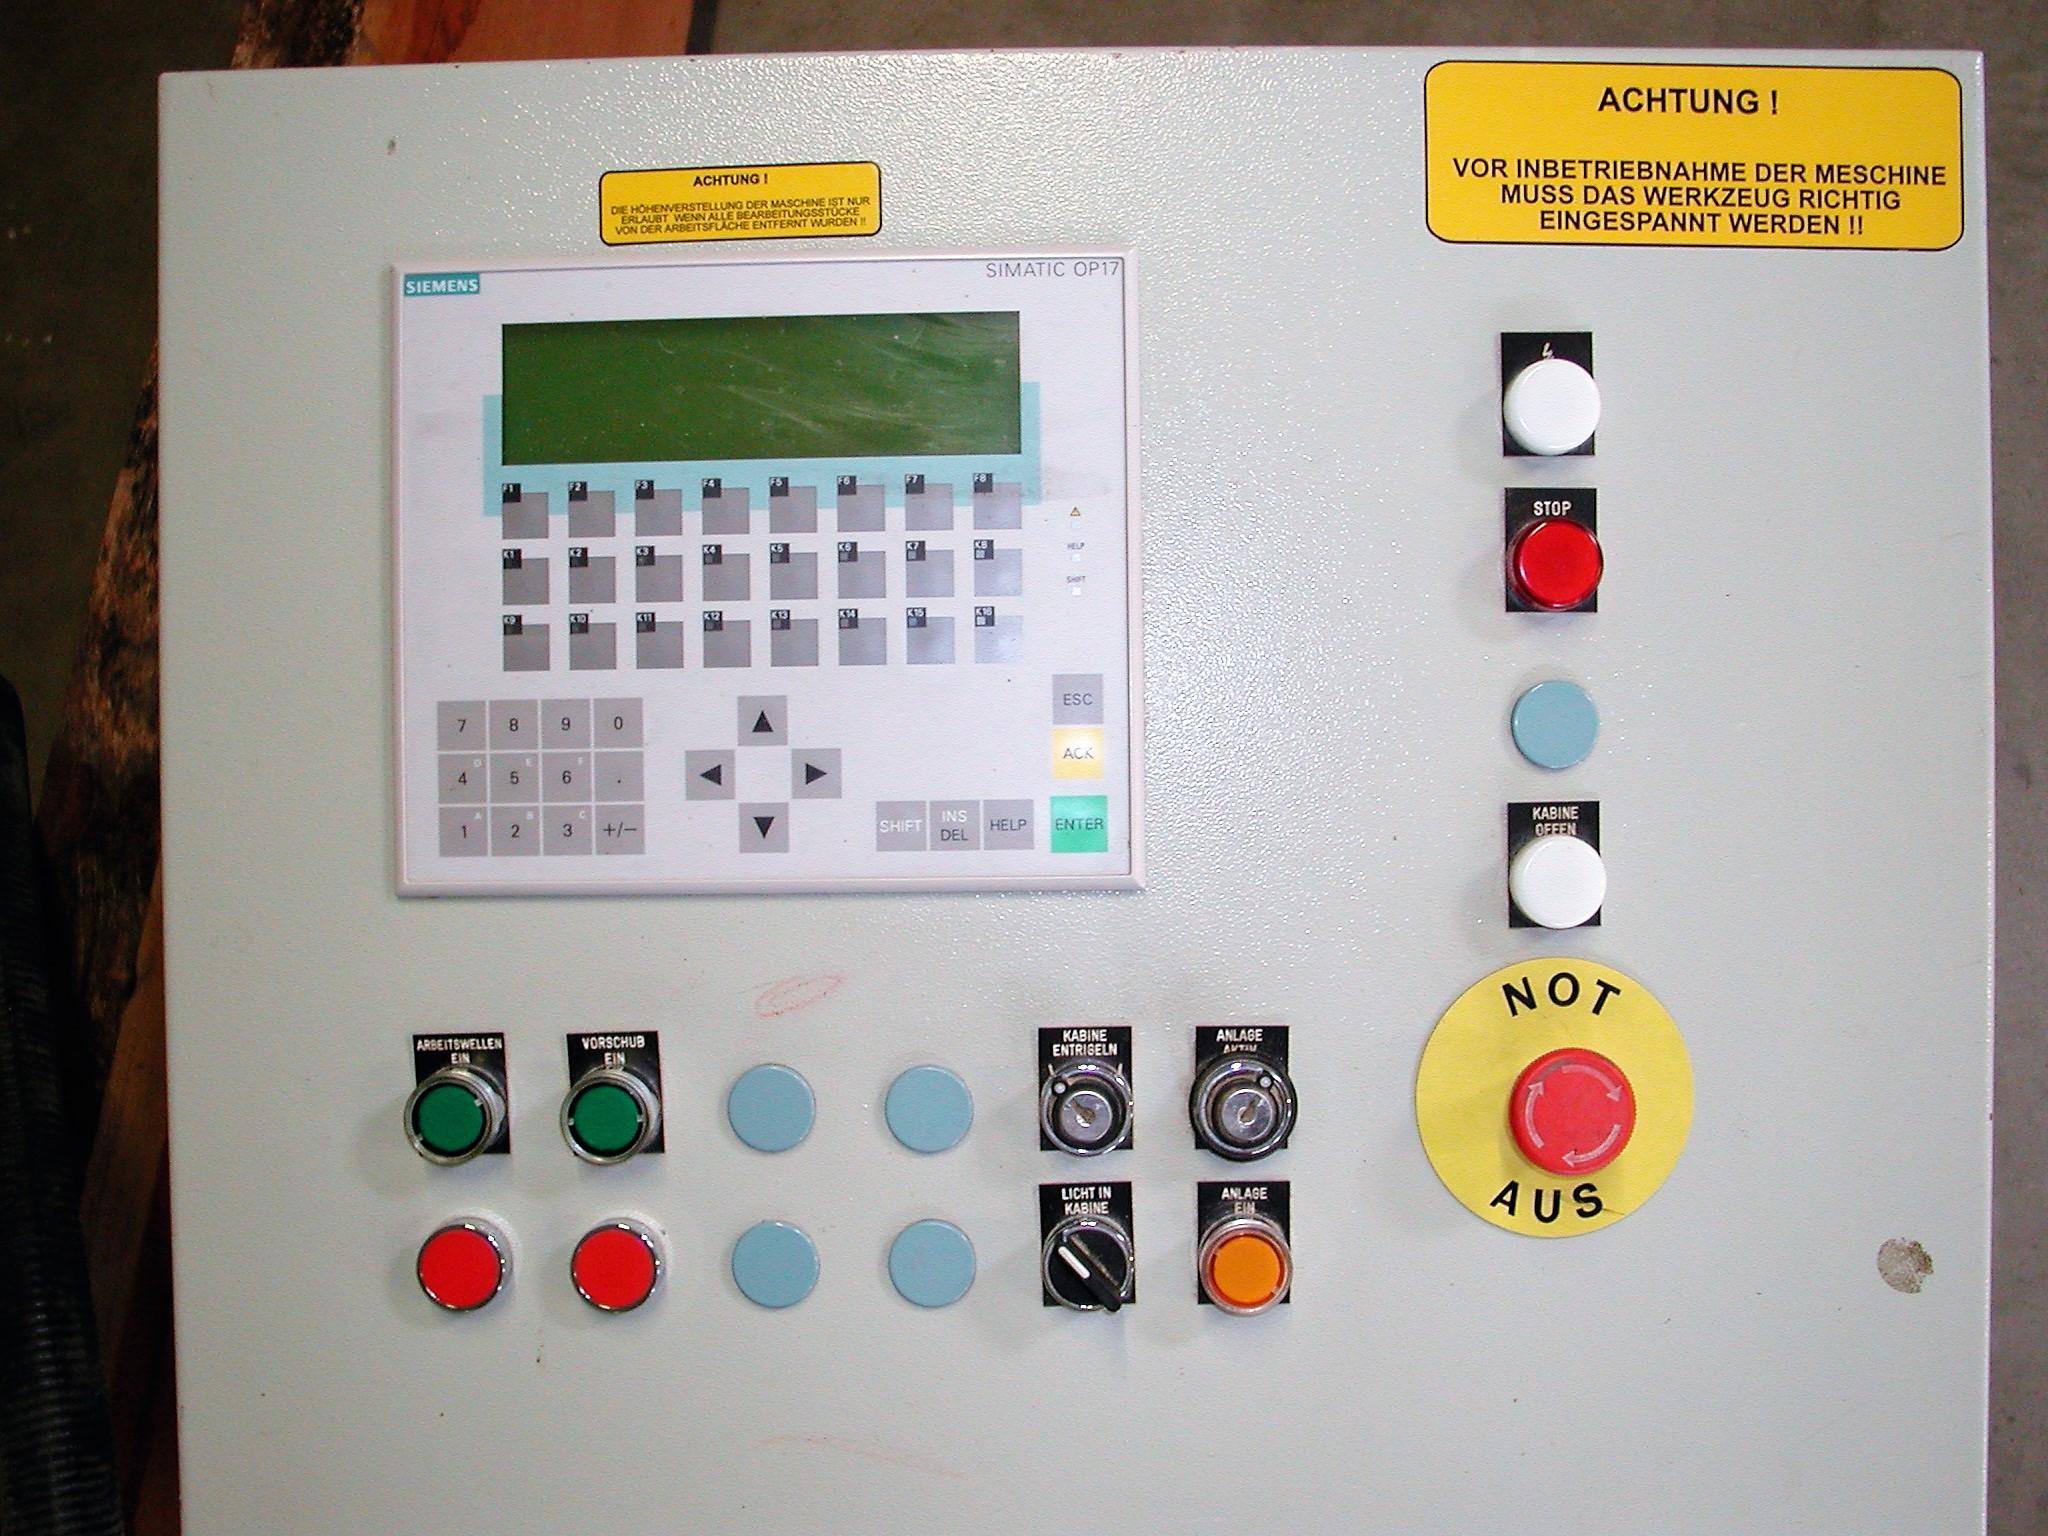 TOLES 200 PD-2V-T  - 6